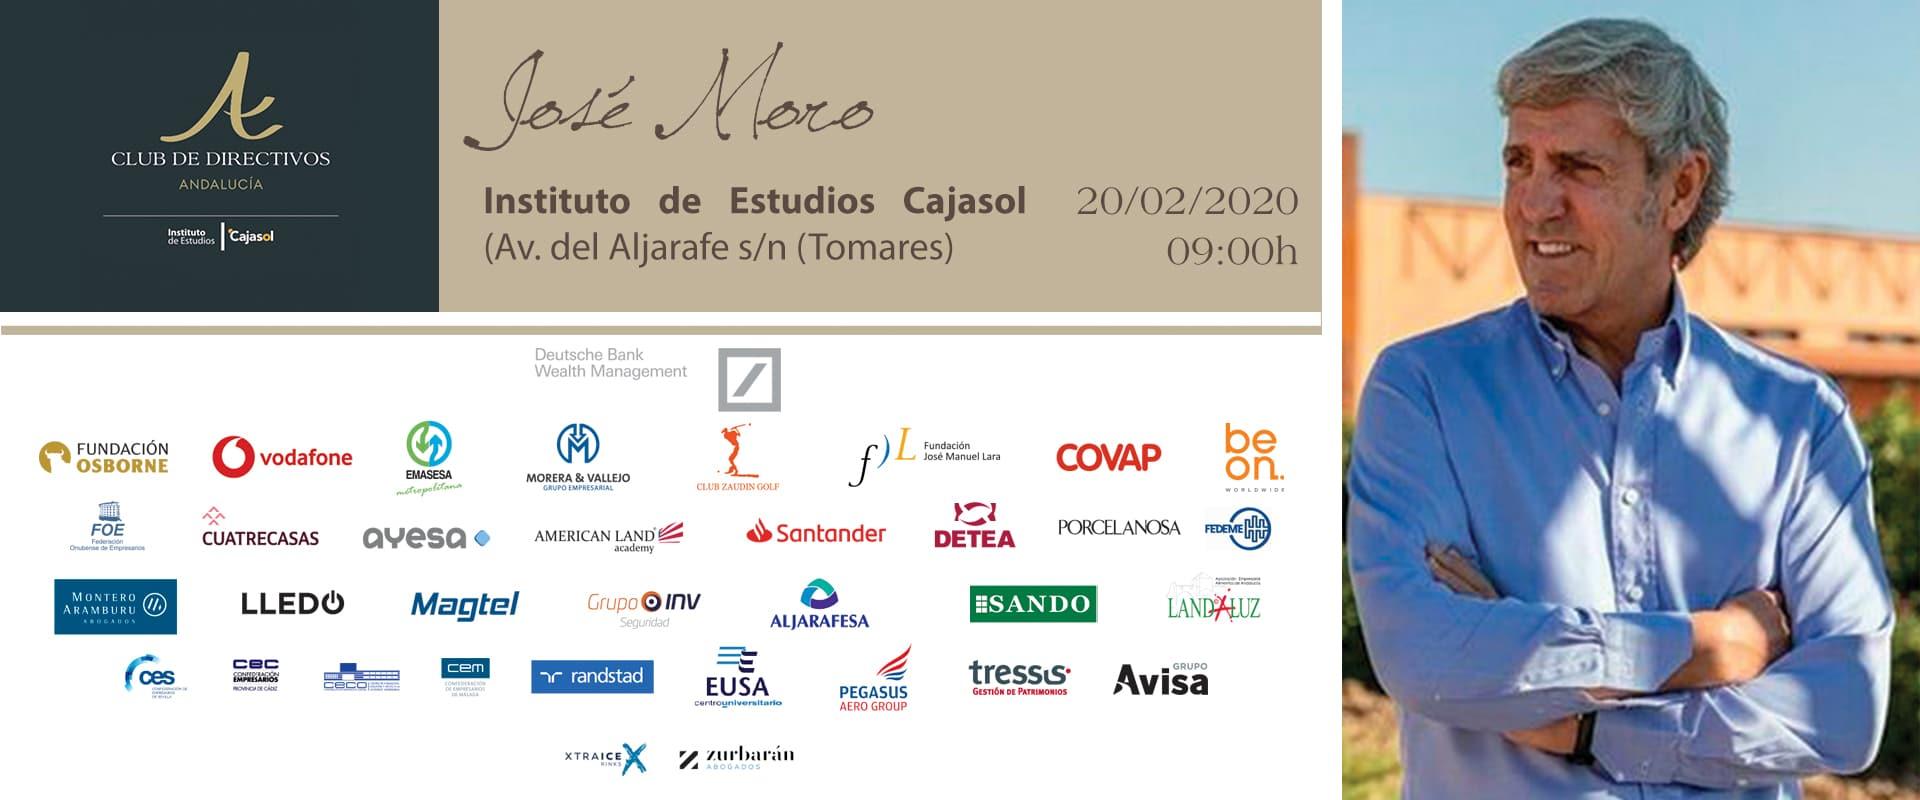 Jose Moro Club de Directivos de Andalucia